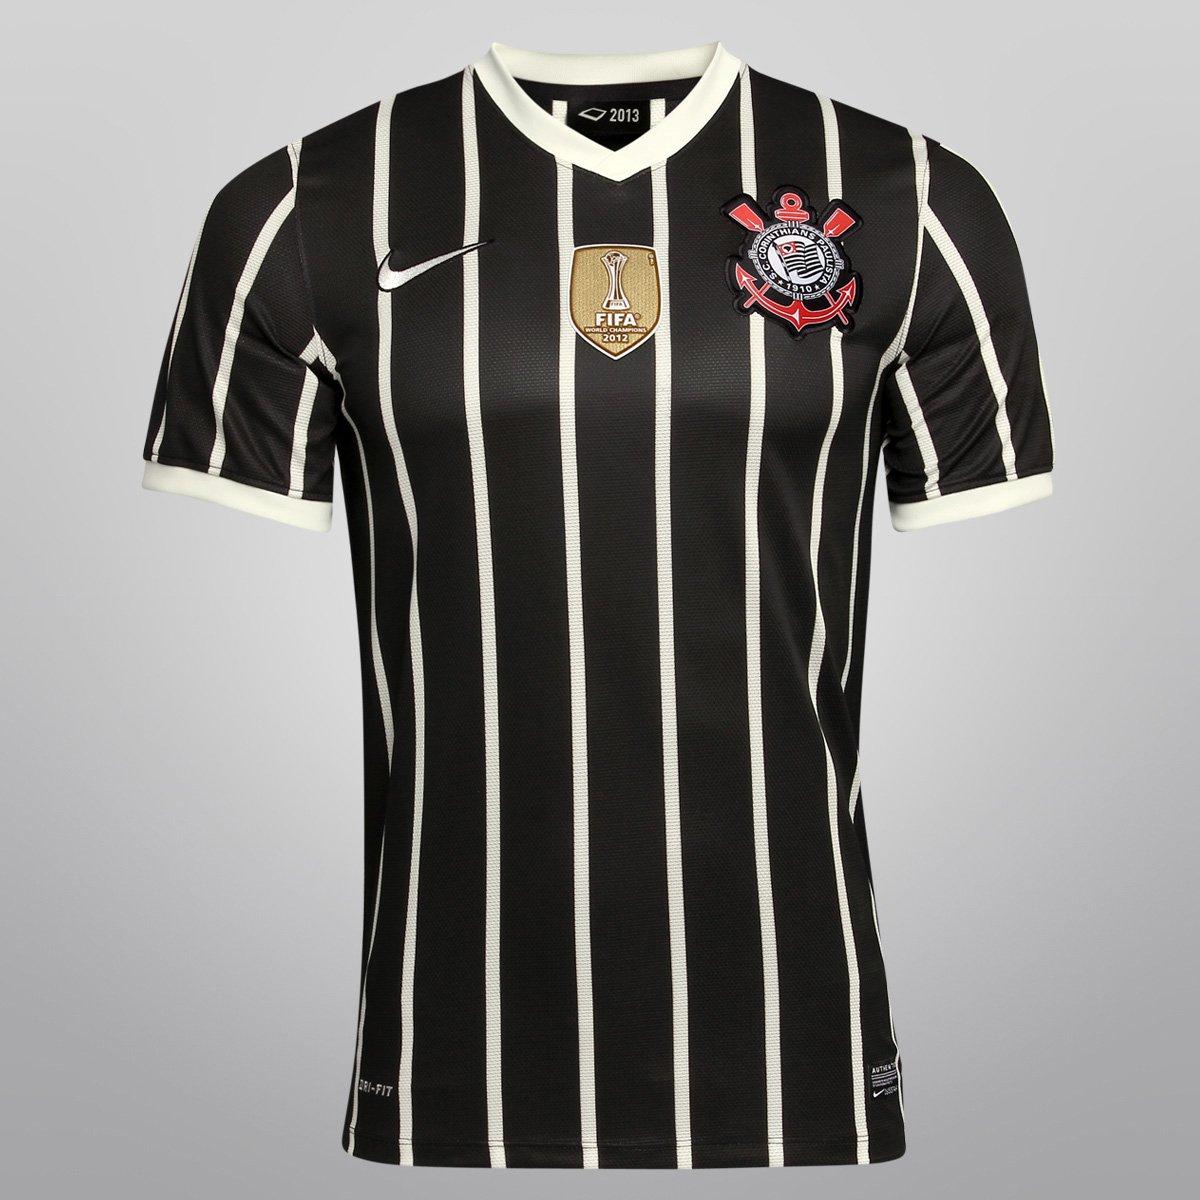 Camisa Nike Corinthians II 2013 s nº - Ed. Bicampeão Mundial - Compre Agora   7448cabf79957